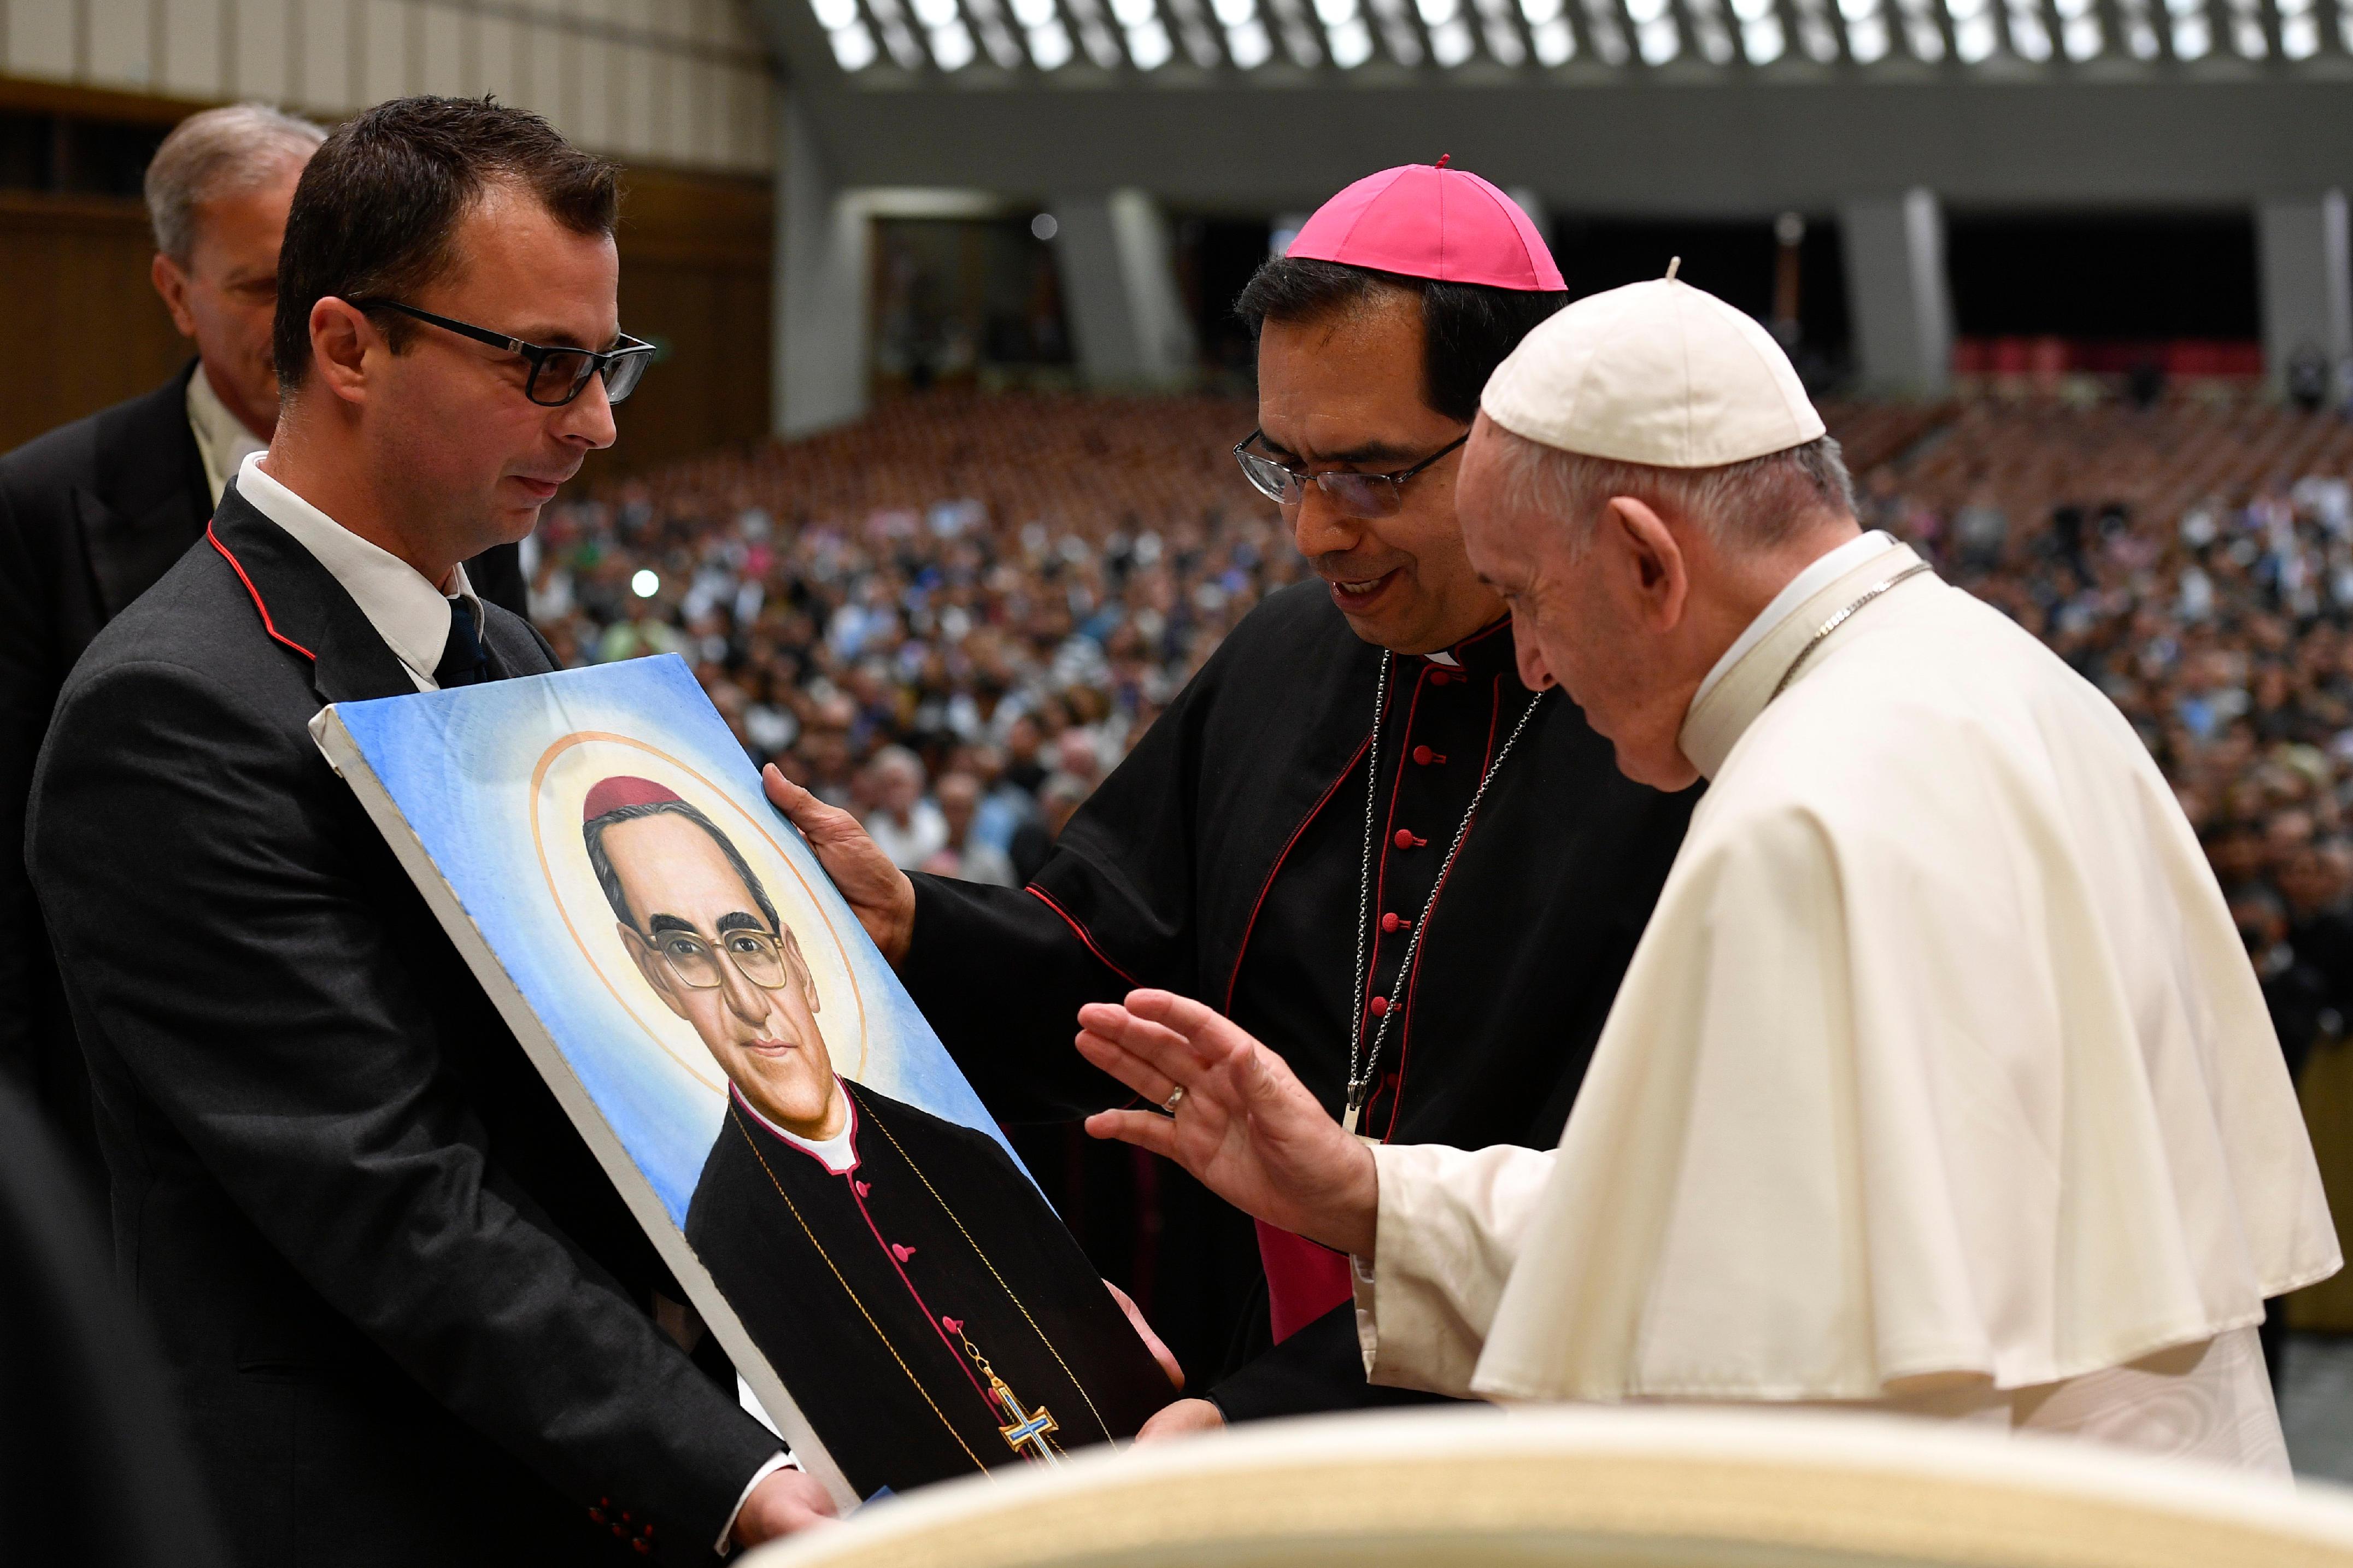 El Papa bendice la imagen de Óscar Romero © Vatican Media